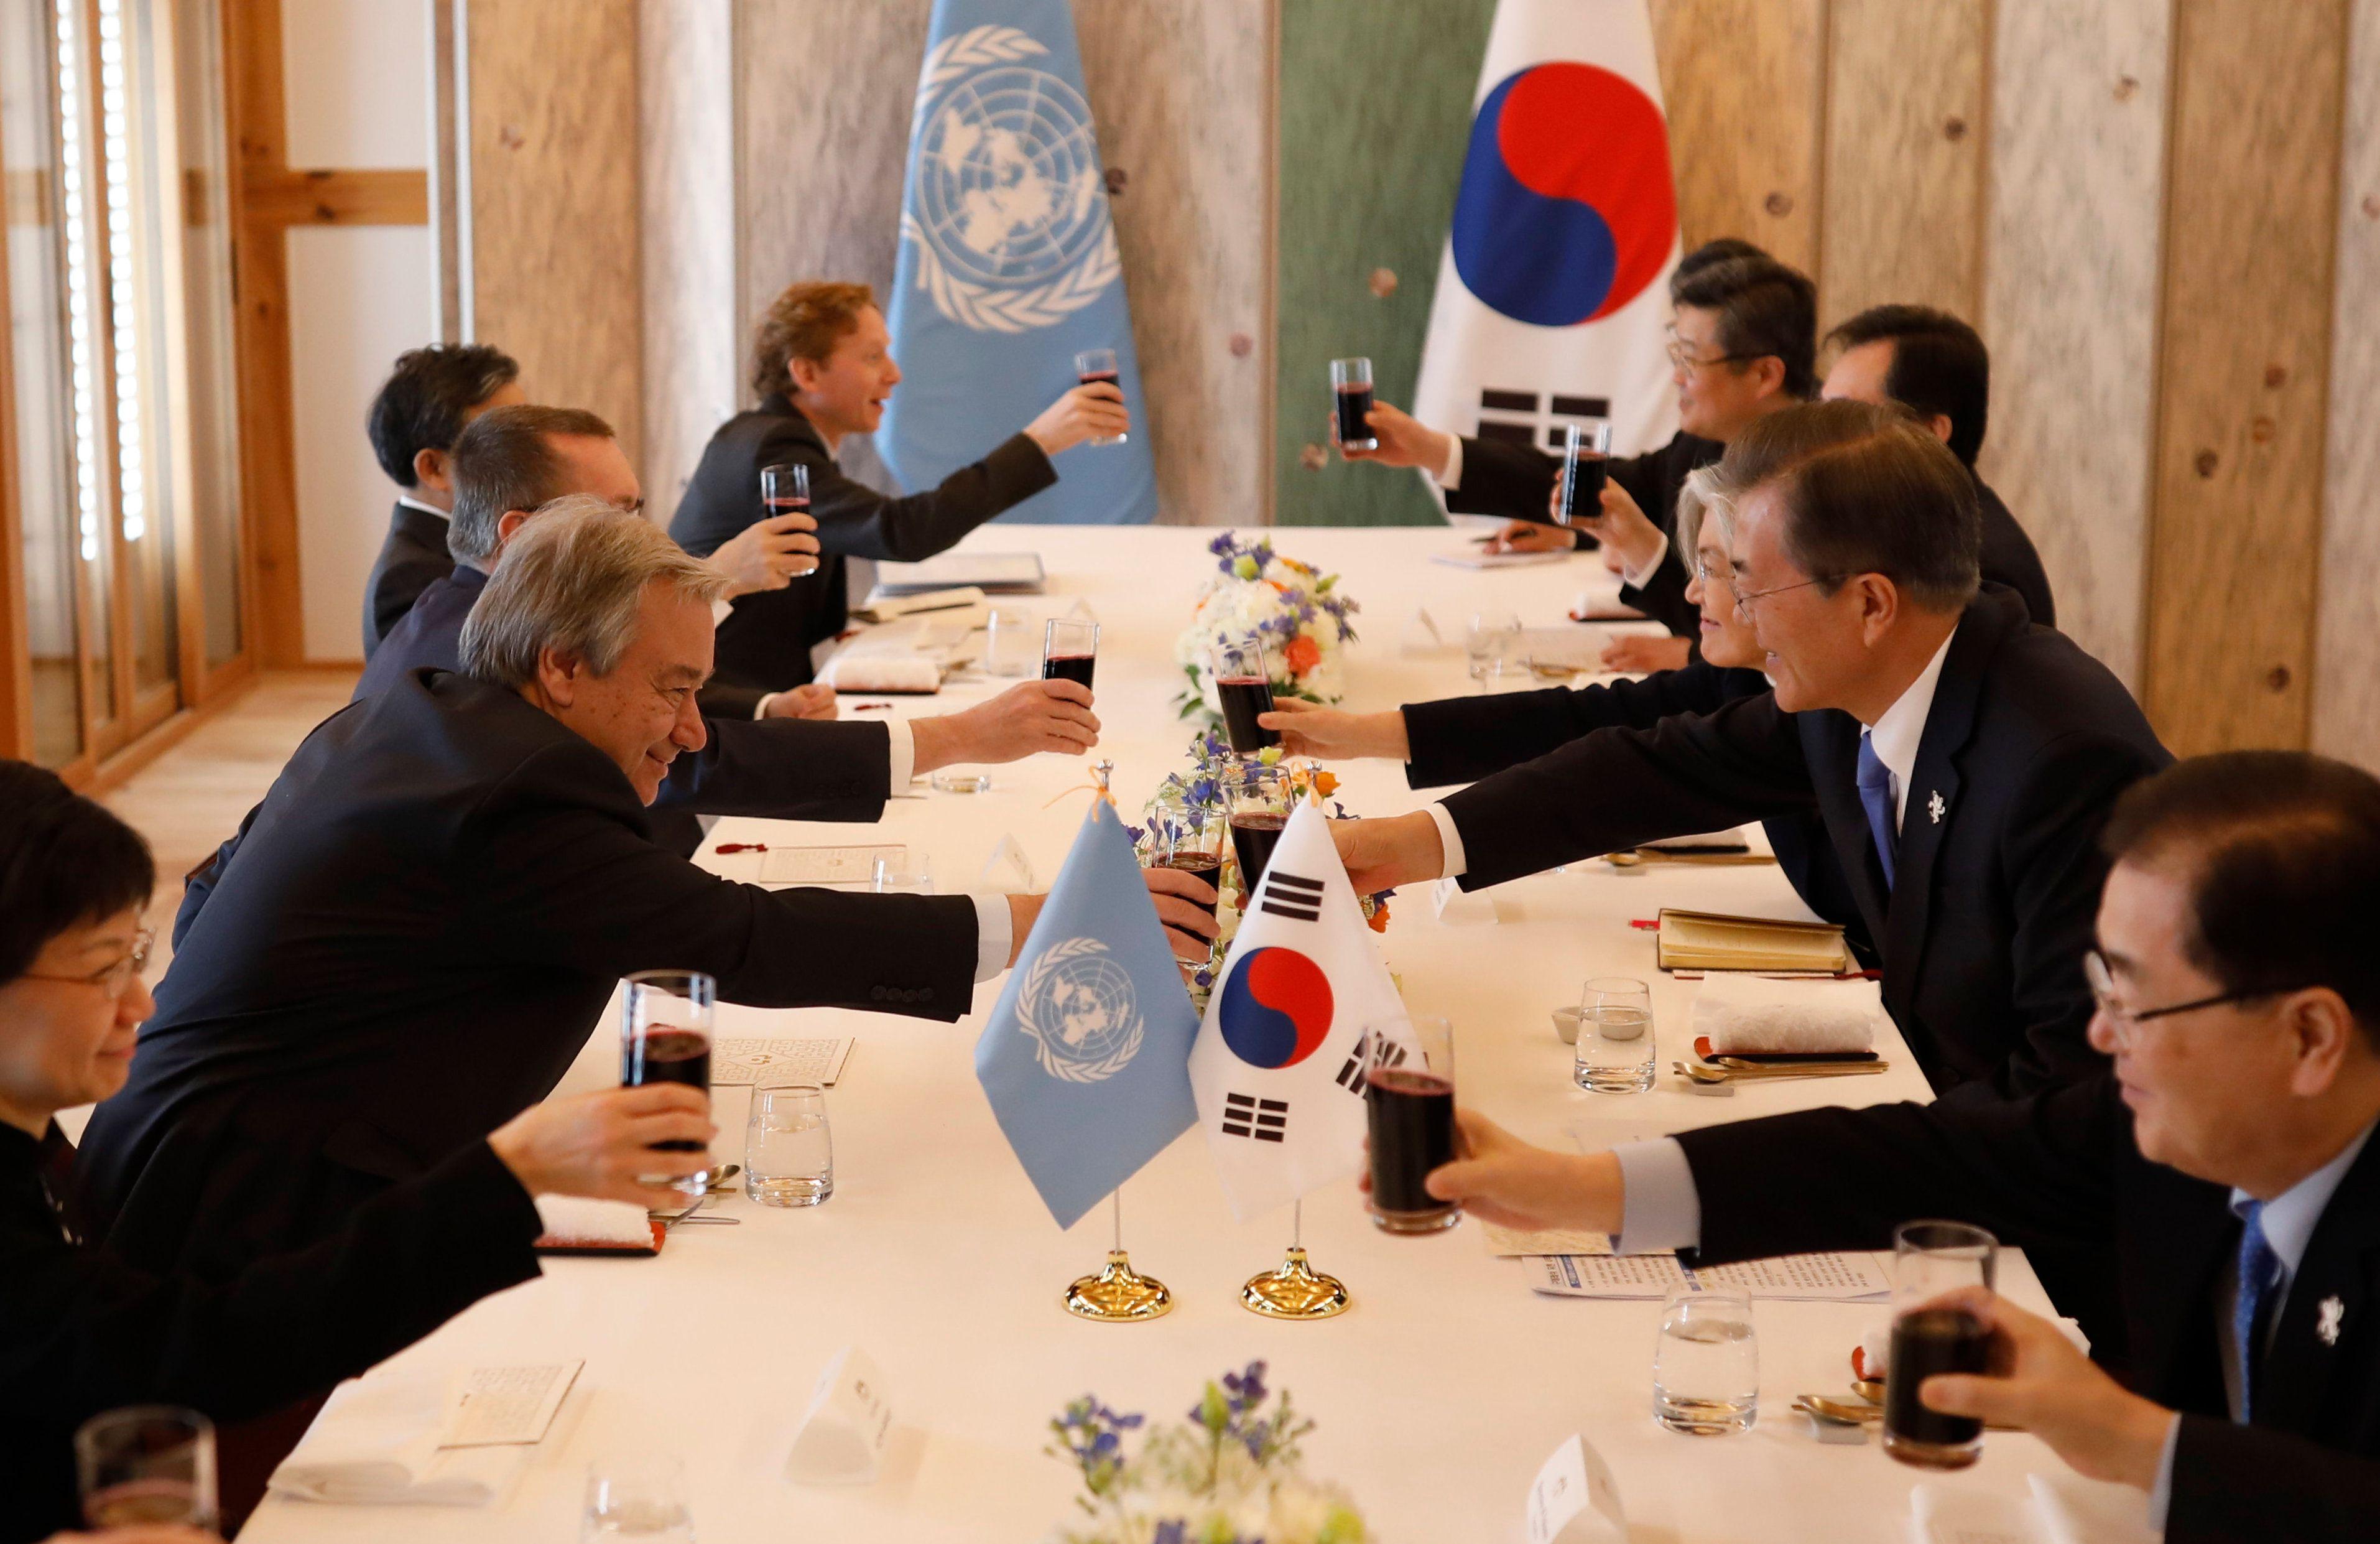 مباحثات بين الأمين العام للأمم المتحدة رئيس كوريا الجنوبية